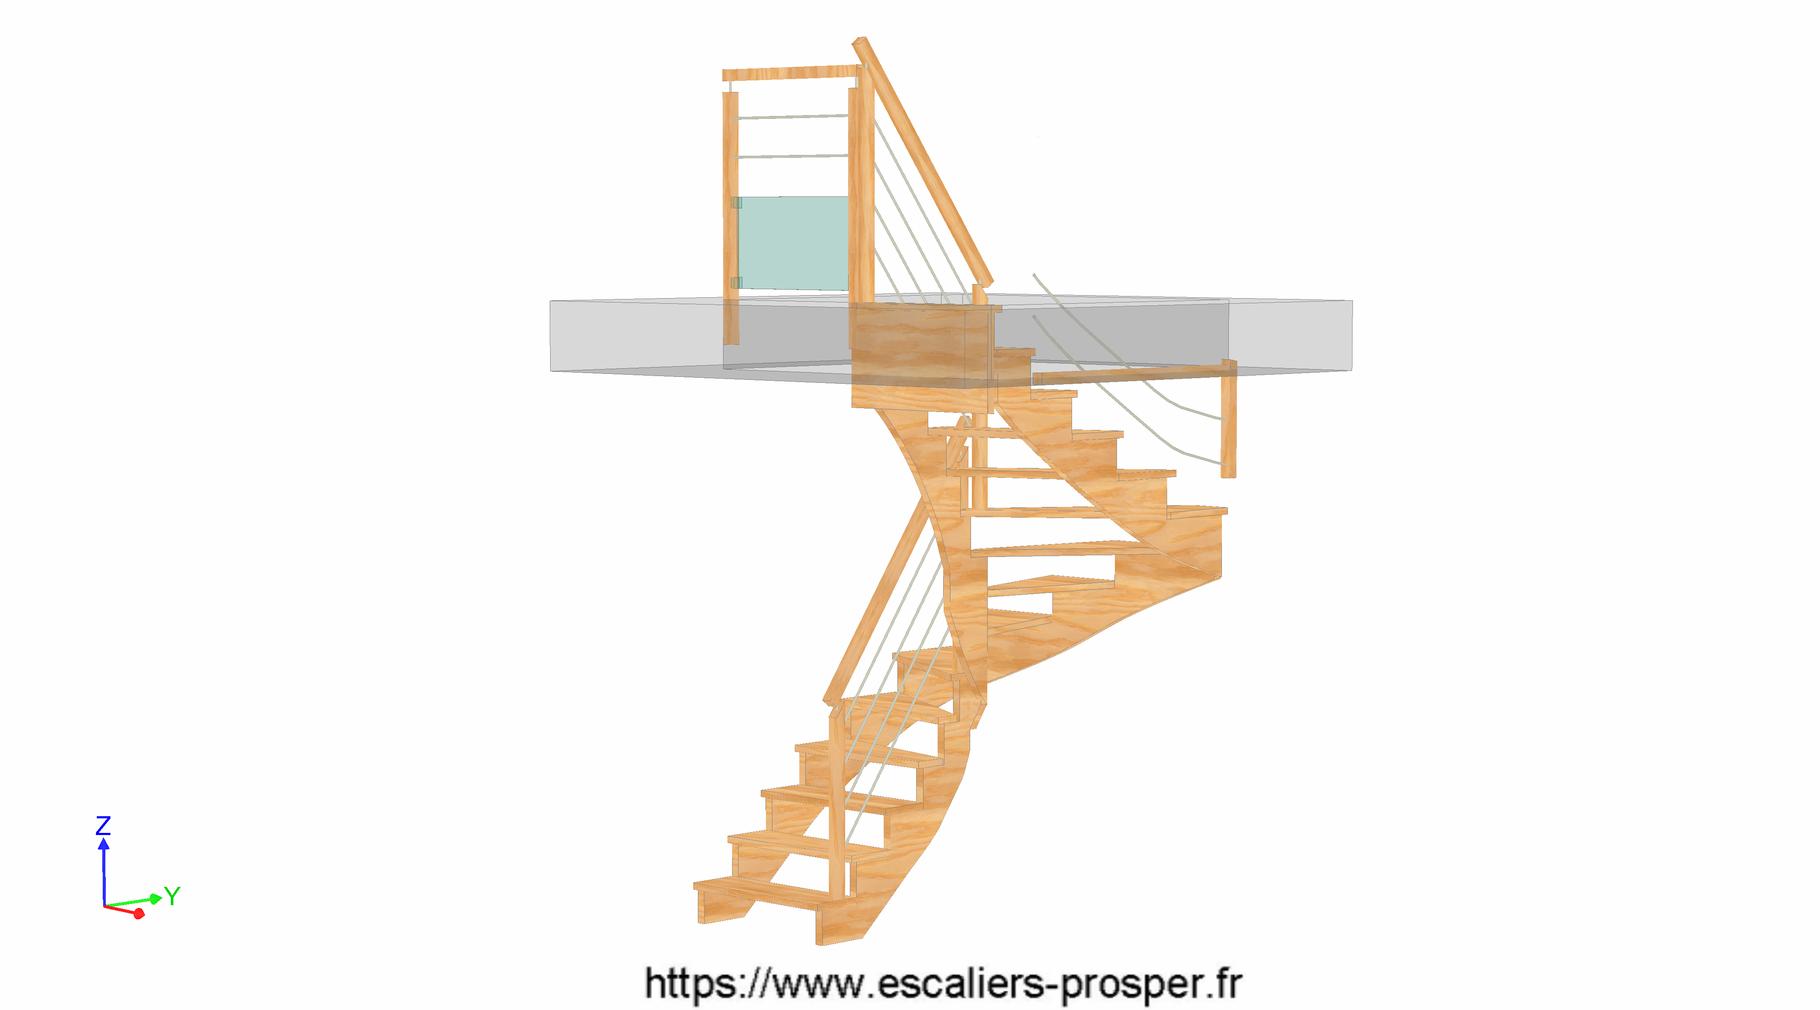 escalier en u l 39 anglaise e15 162 escaliers prosper sp cialiste de la conception la pose. Black Bedroom Furniture Sets. Home Design Ideas